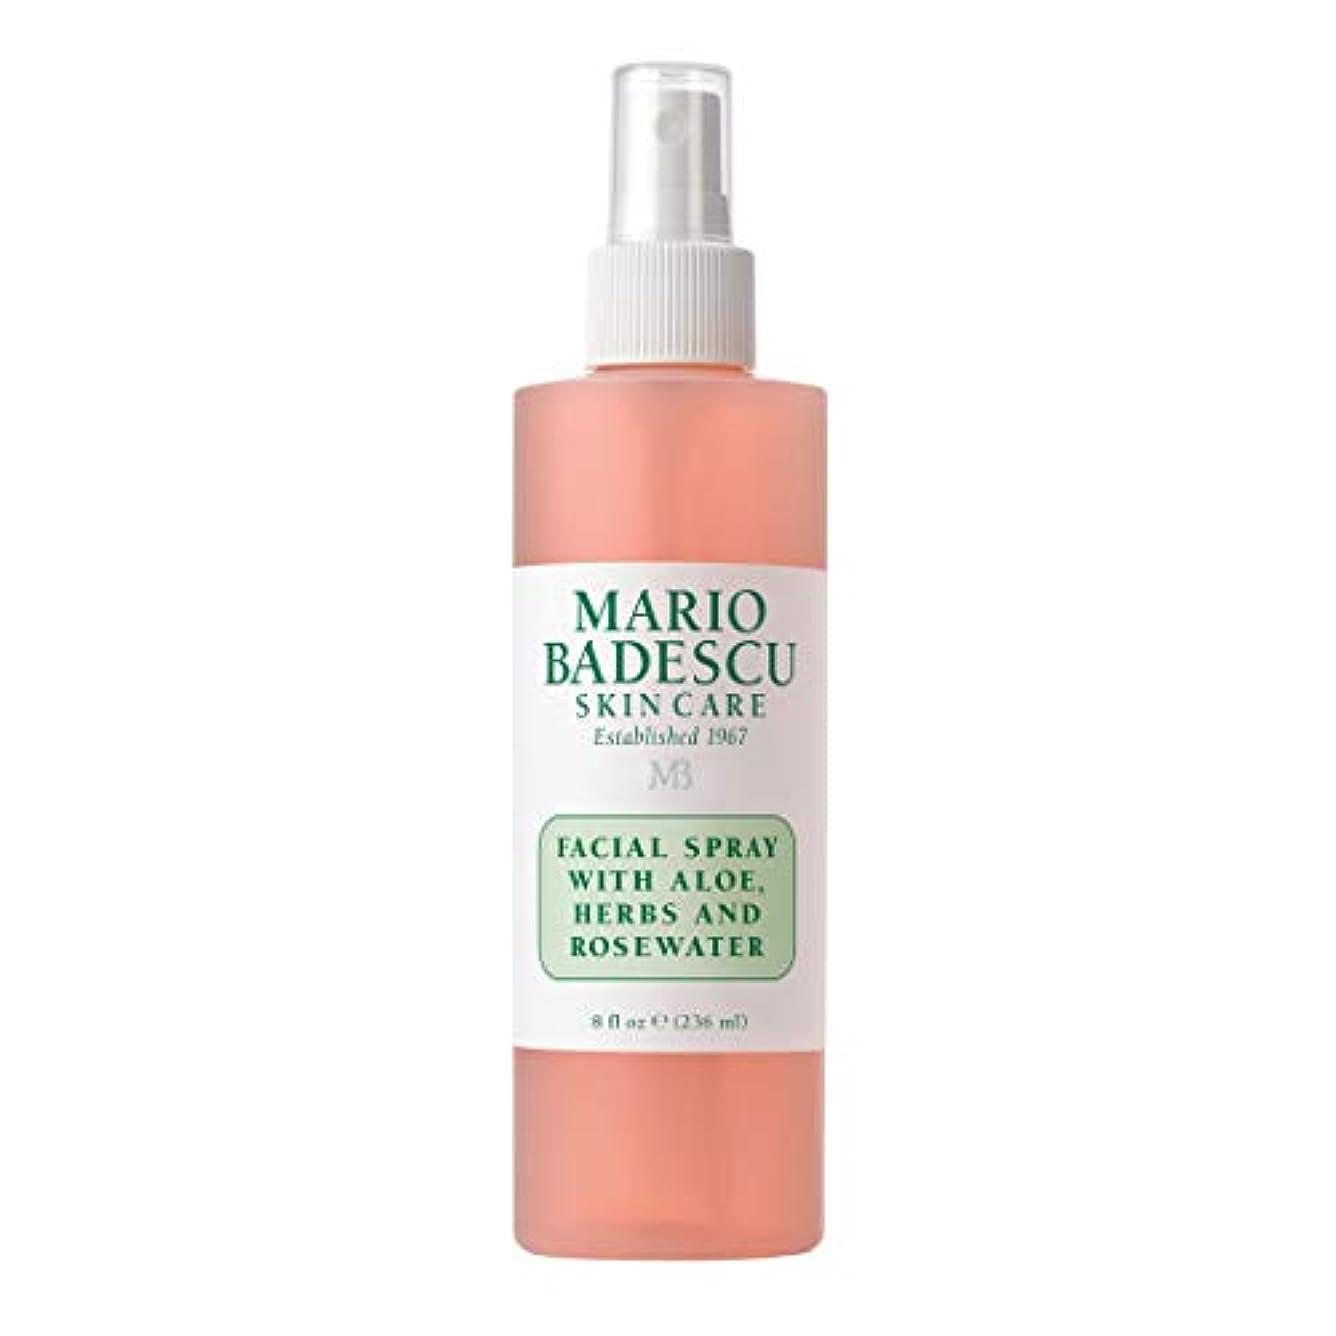 二十歯赤面マリオ バデスク Facial Spray with Aloe, Herbs & Rosewater - For All Skin Types 236ml/8oz並行輸入品